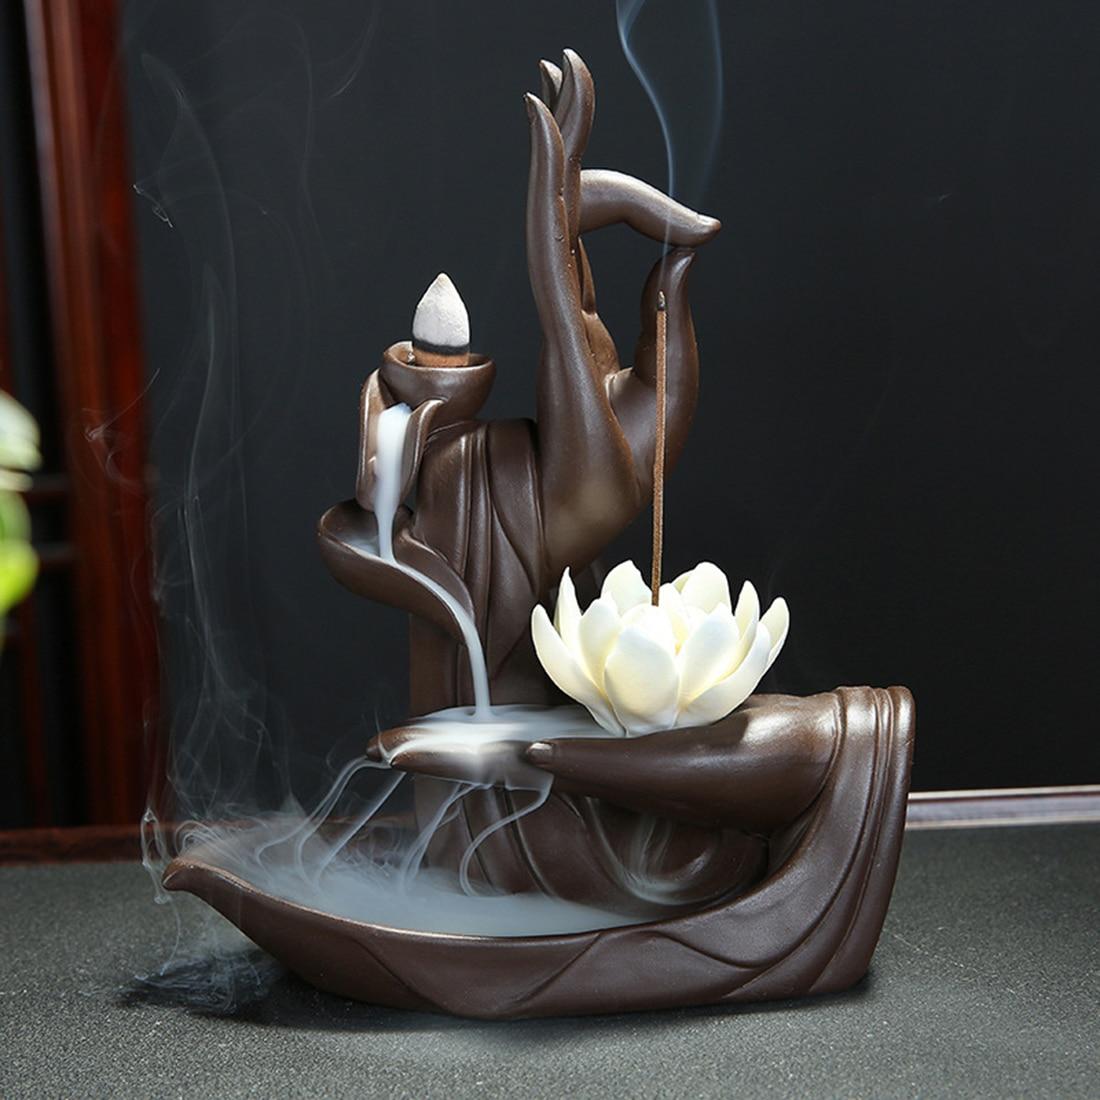 Il Riflusso di ceramica Bruciatore di Incenso Buddha Tathagata di Loto Incenso Coni Stick Holder + 10 pz Cono di Incenso Incenso Casa Creativa Bouddha Decor